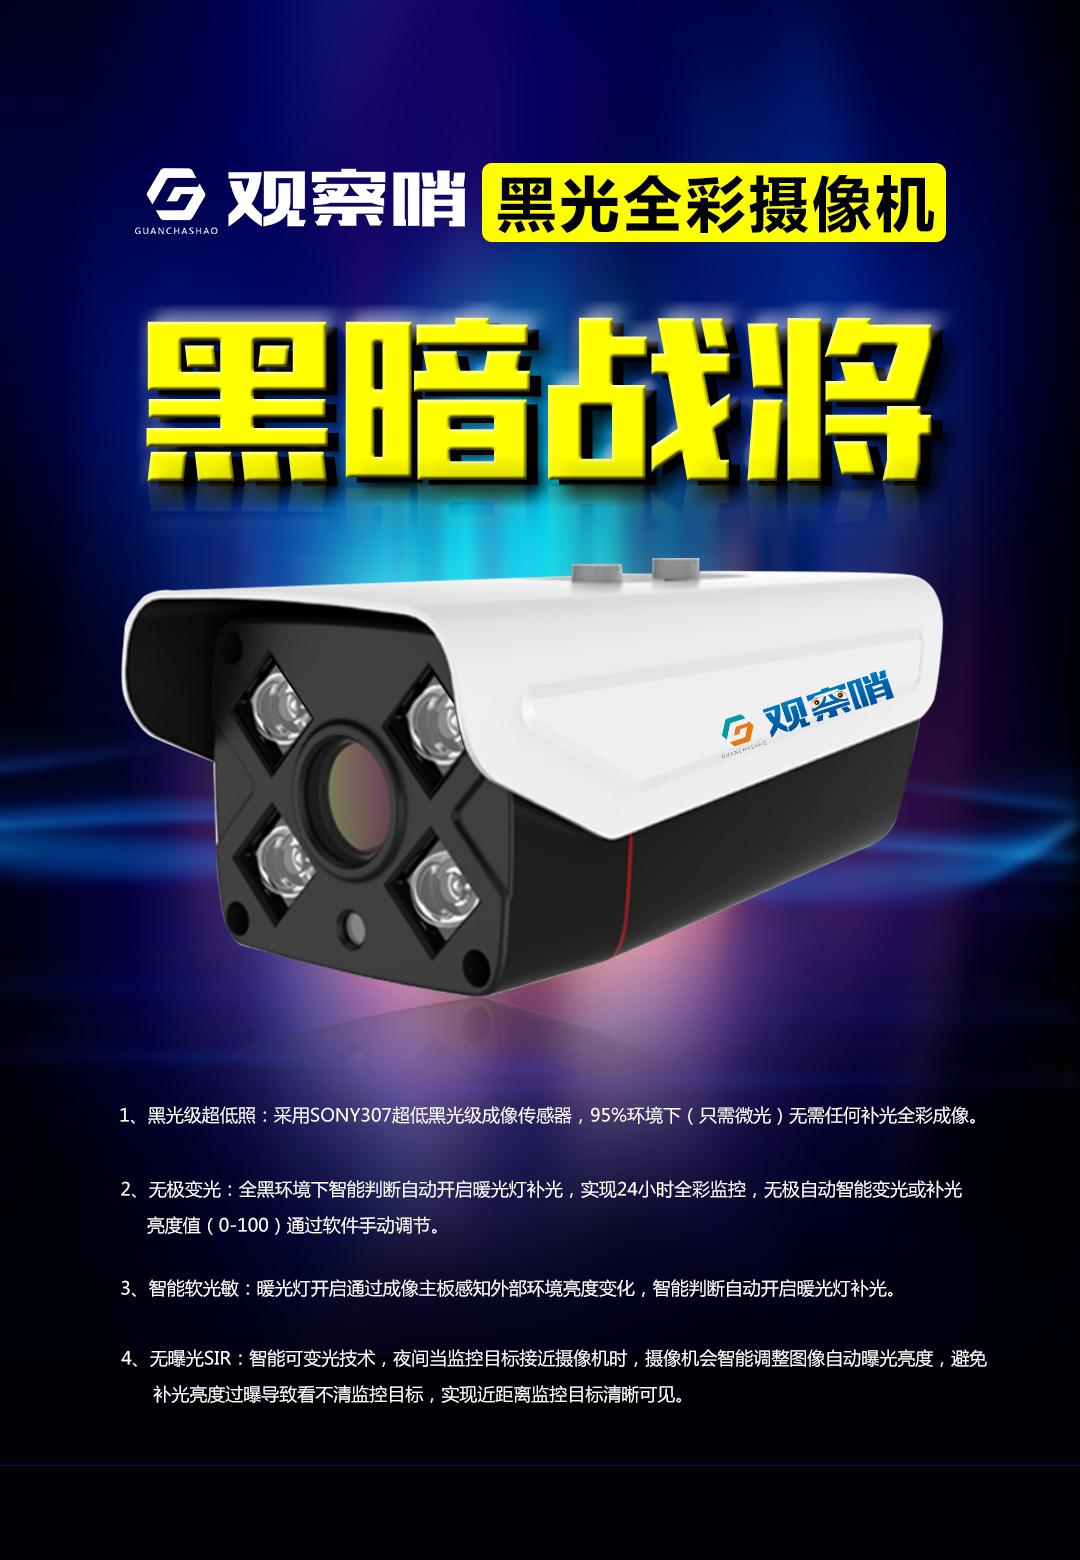 供应 观察哨 黑光全彩摄像机  200万 H.265+编码格式